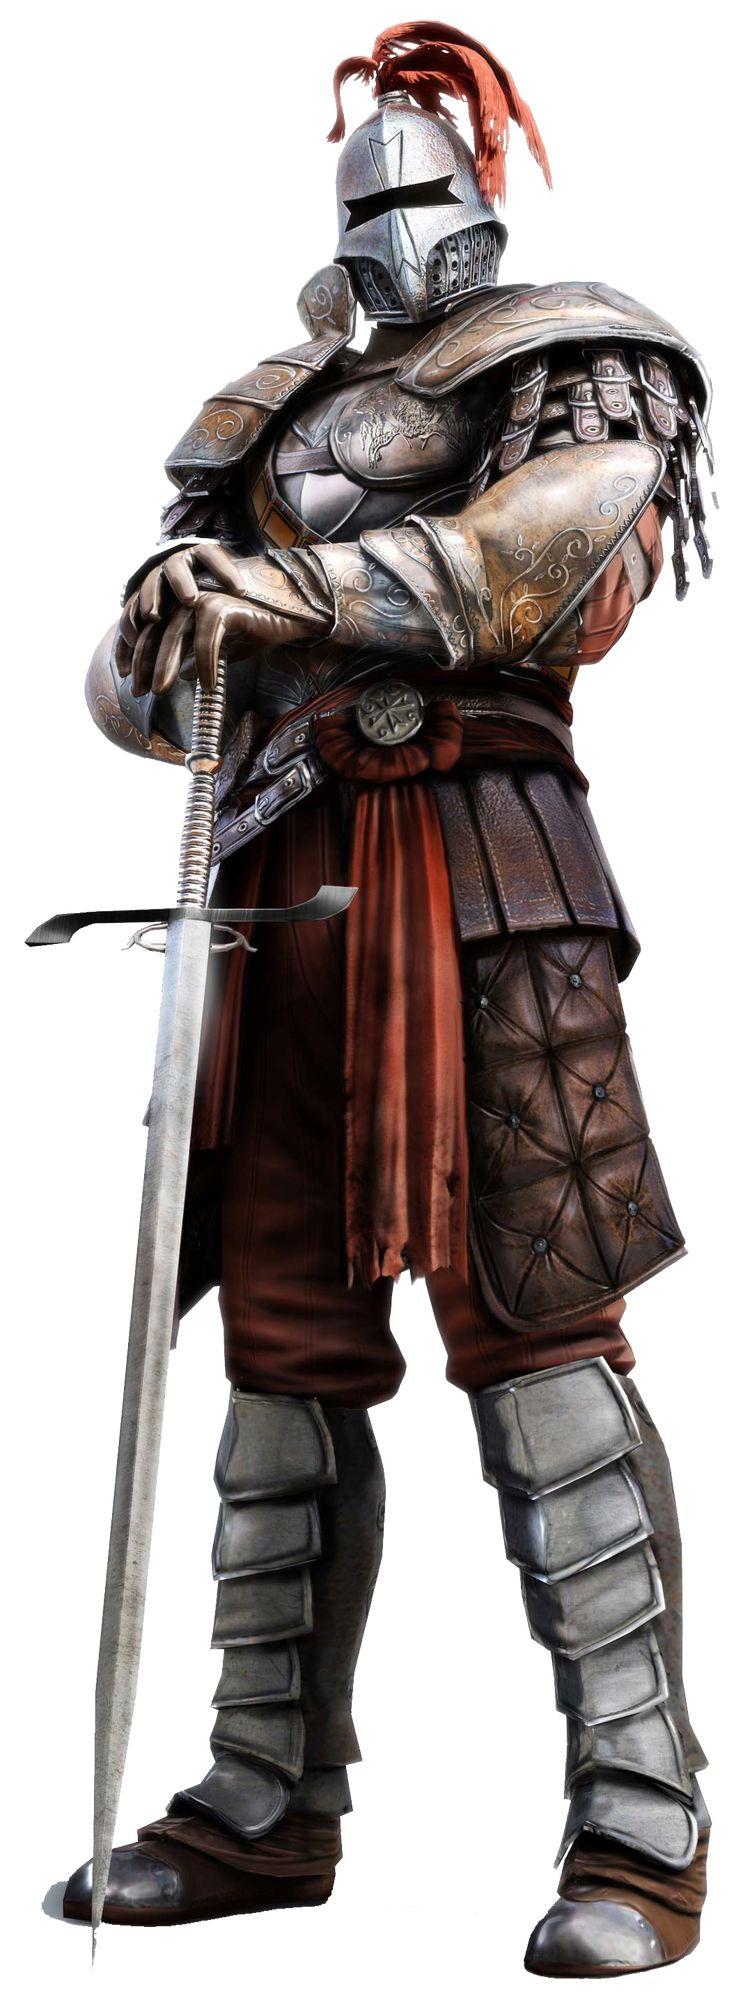 Farell Eldsköld, ledare av Järngardet, legoknektar i Istra